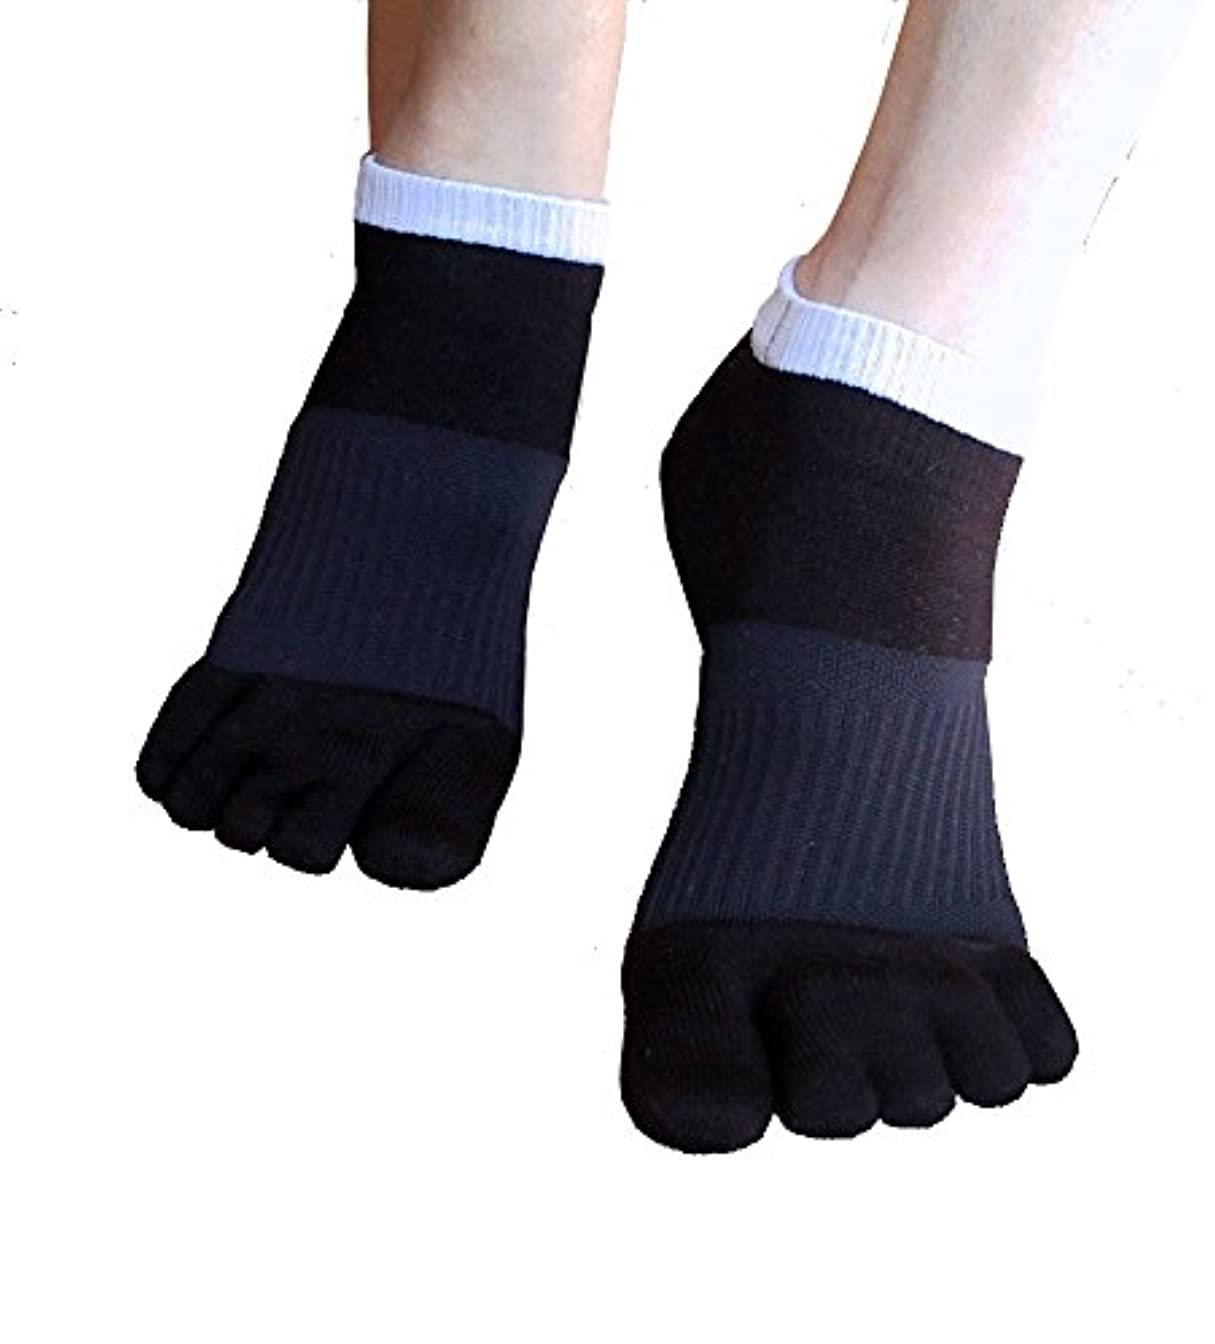 バンガロー裏切り者グラマー外反母趾対策 ふしぎな5本指テーピング靴下 スニーカータイプ 22-24cm?ブラック(色は2色、サイズは3サイズ)